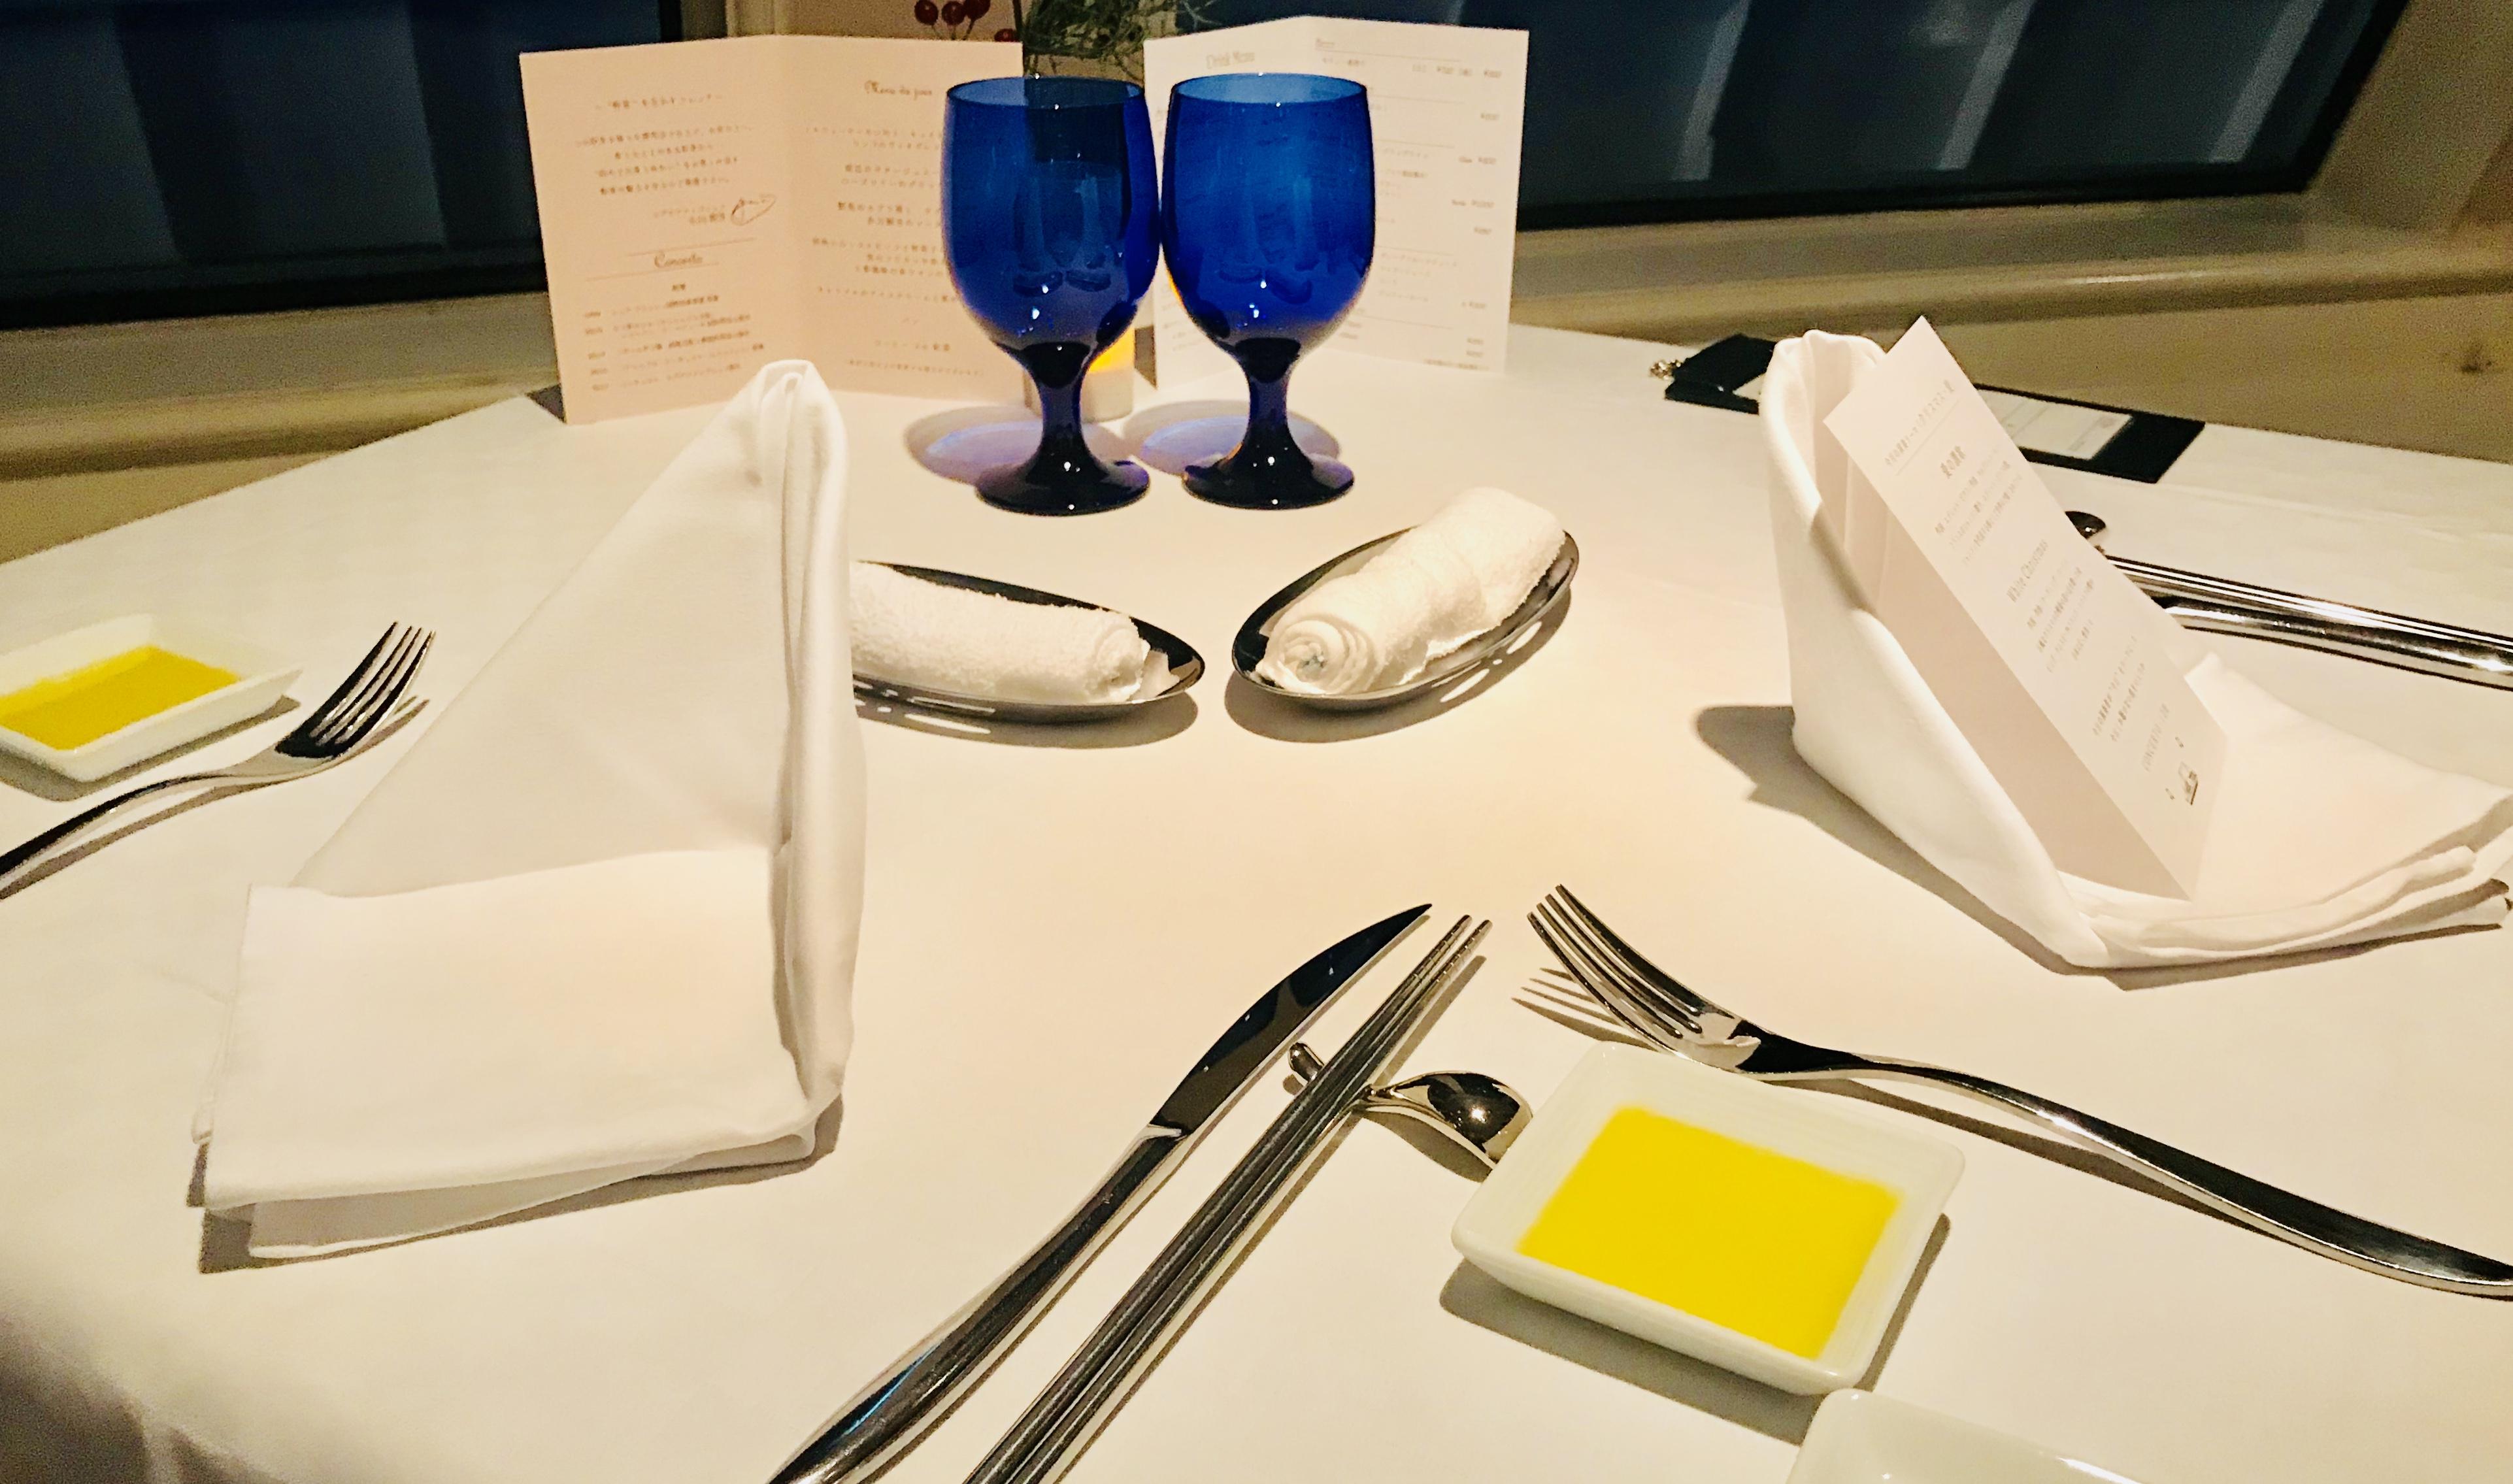 テーブルの様子|【感想】神戸ディナークルーズ「コンチェルト」に乗ってみた|一度は体験してみたい豪華客船|サプライズも料理も最高!ペアチケットの取り方など紹介!